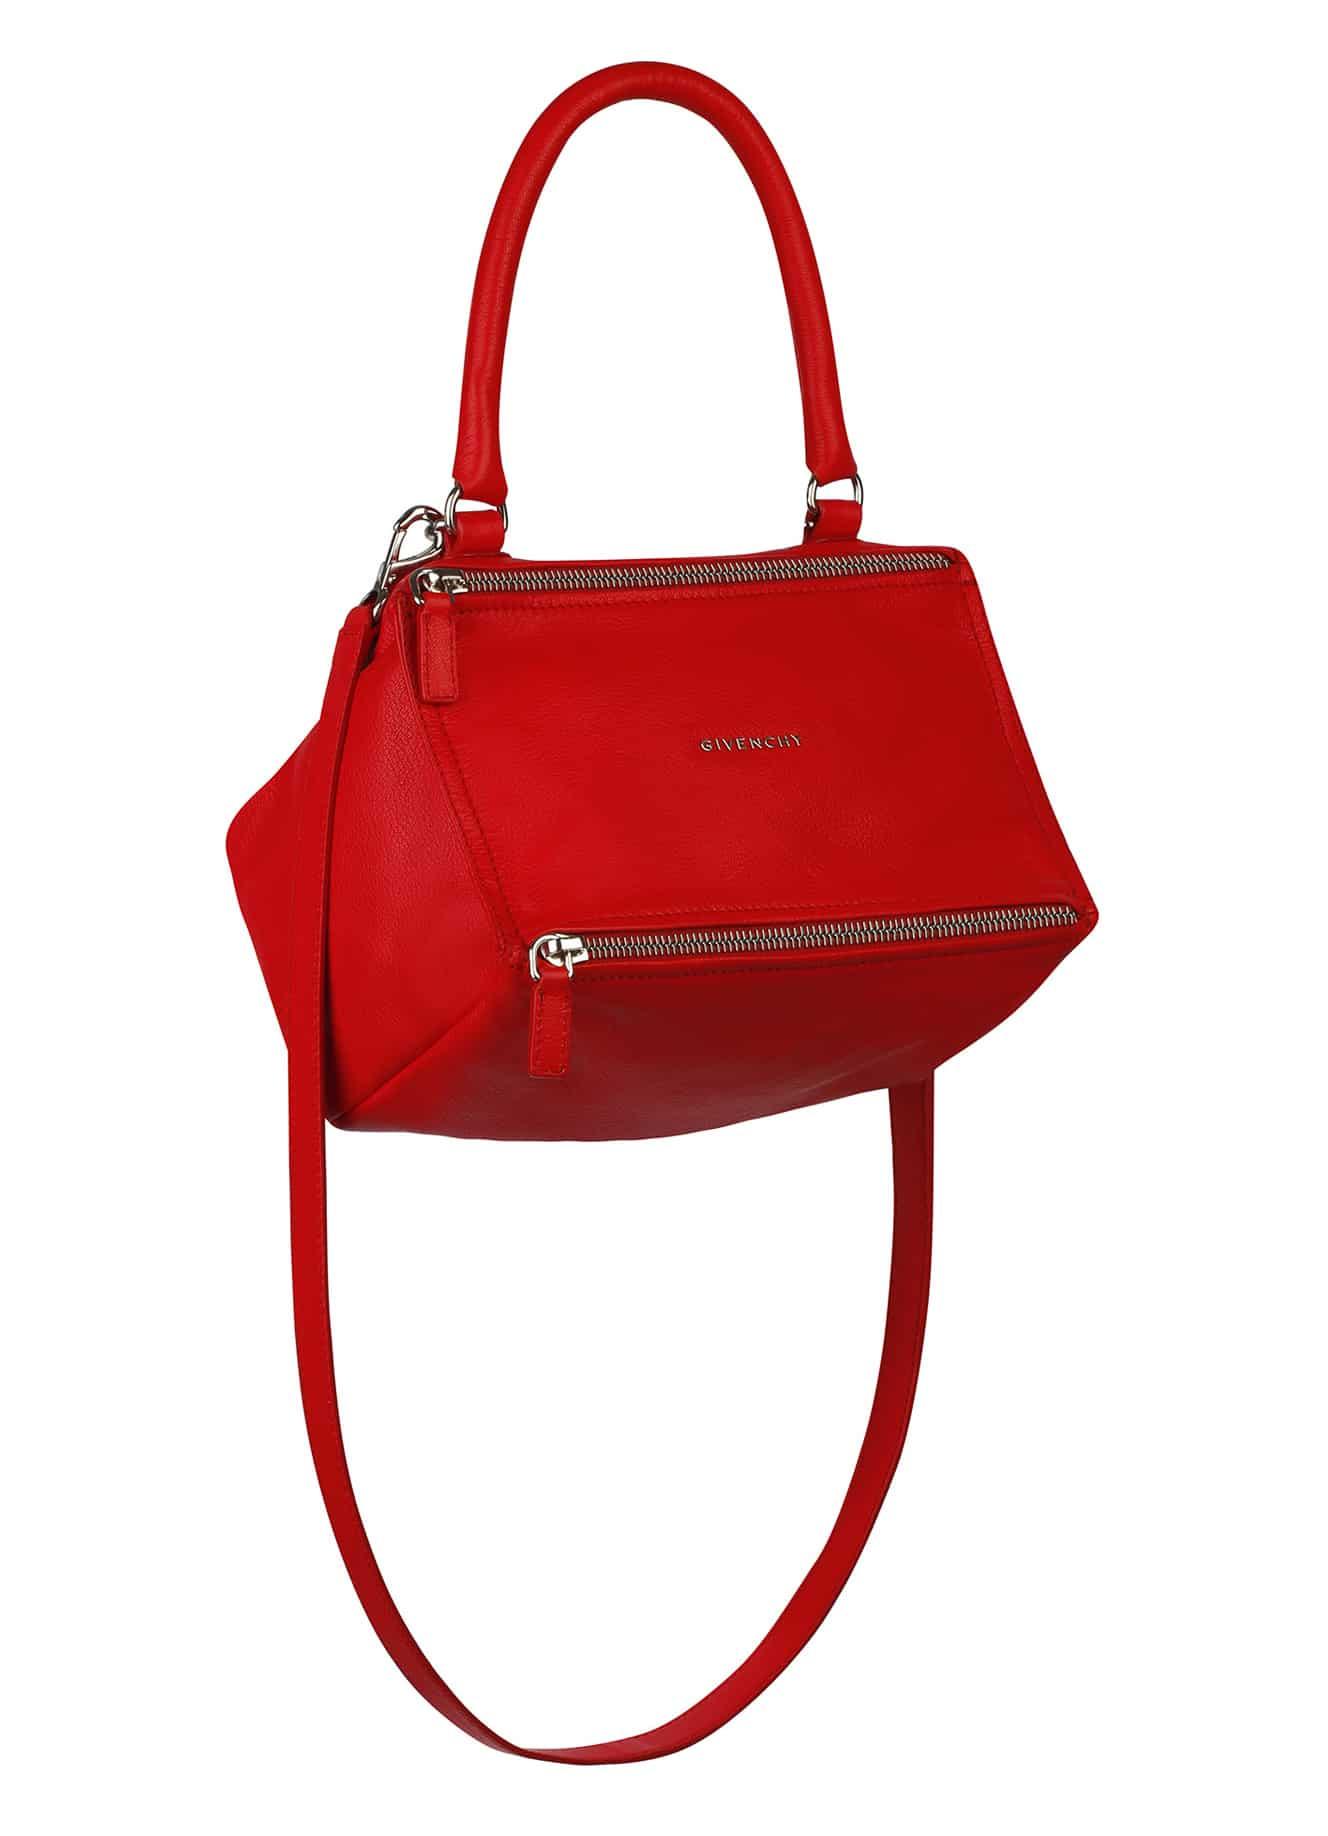 Givenchy Bag 2013 Givenchy Red Pandora Small Bag